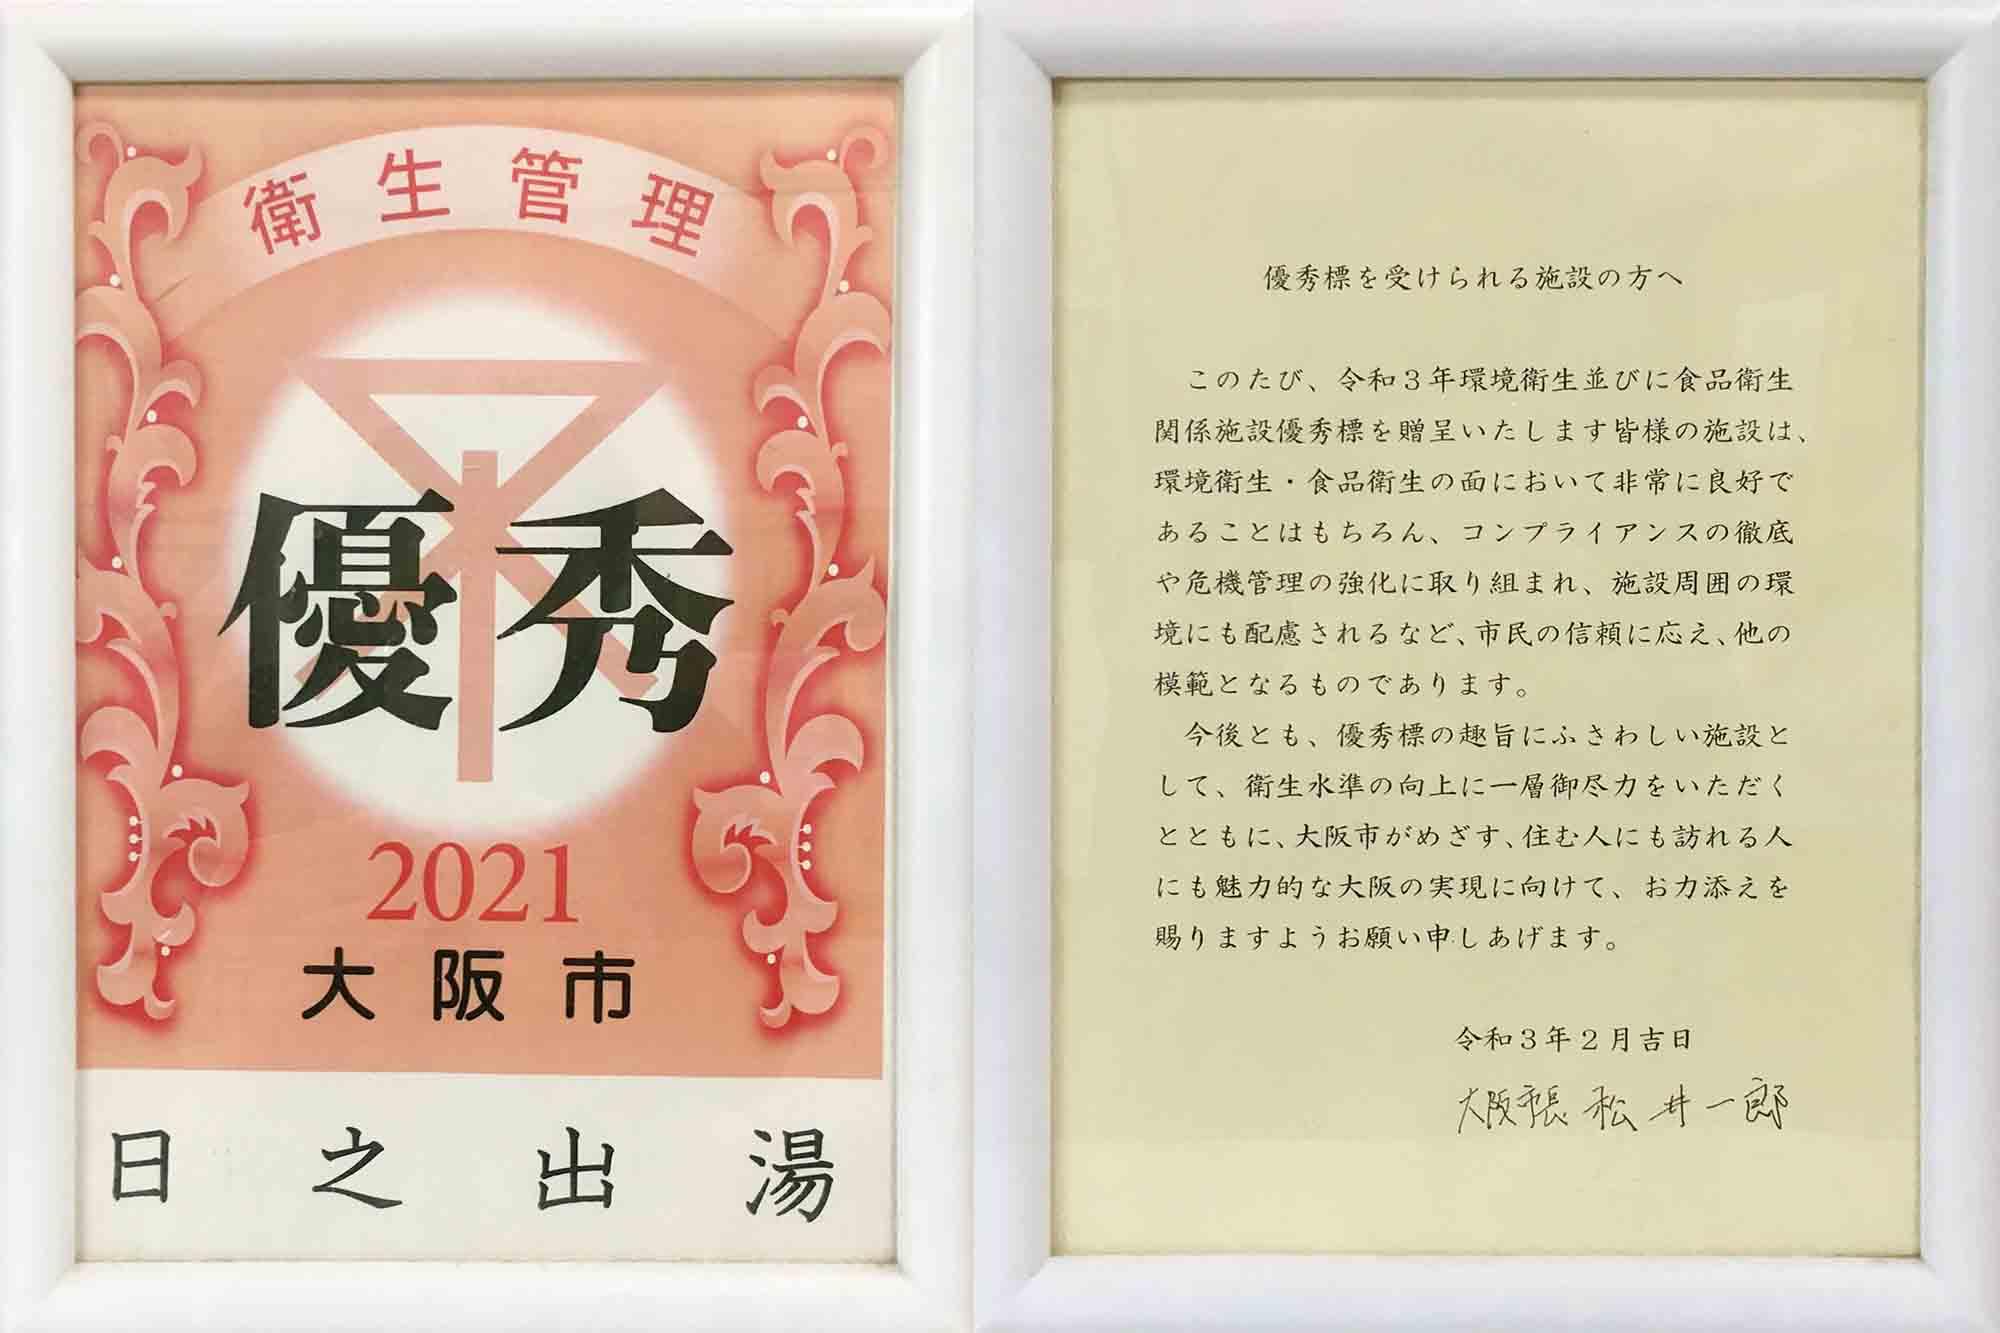 2021Award